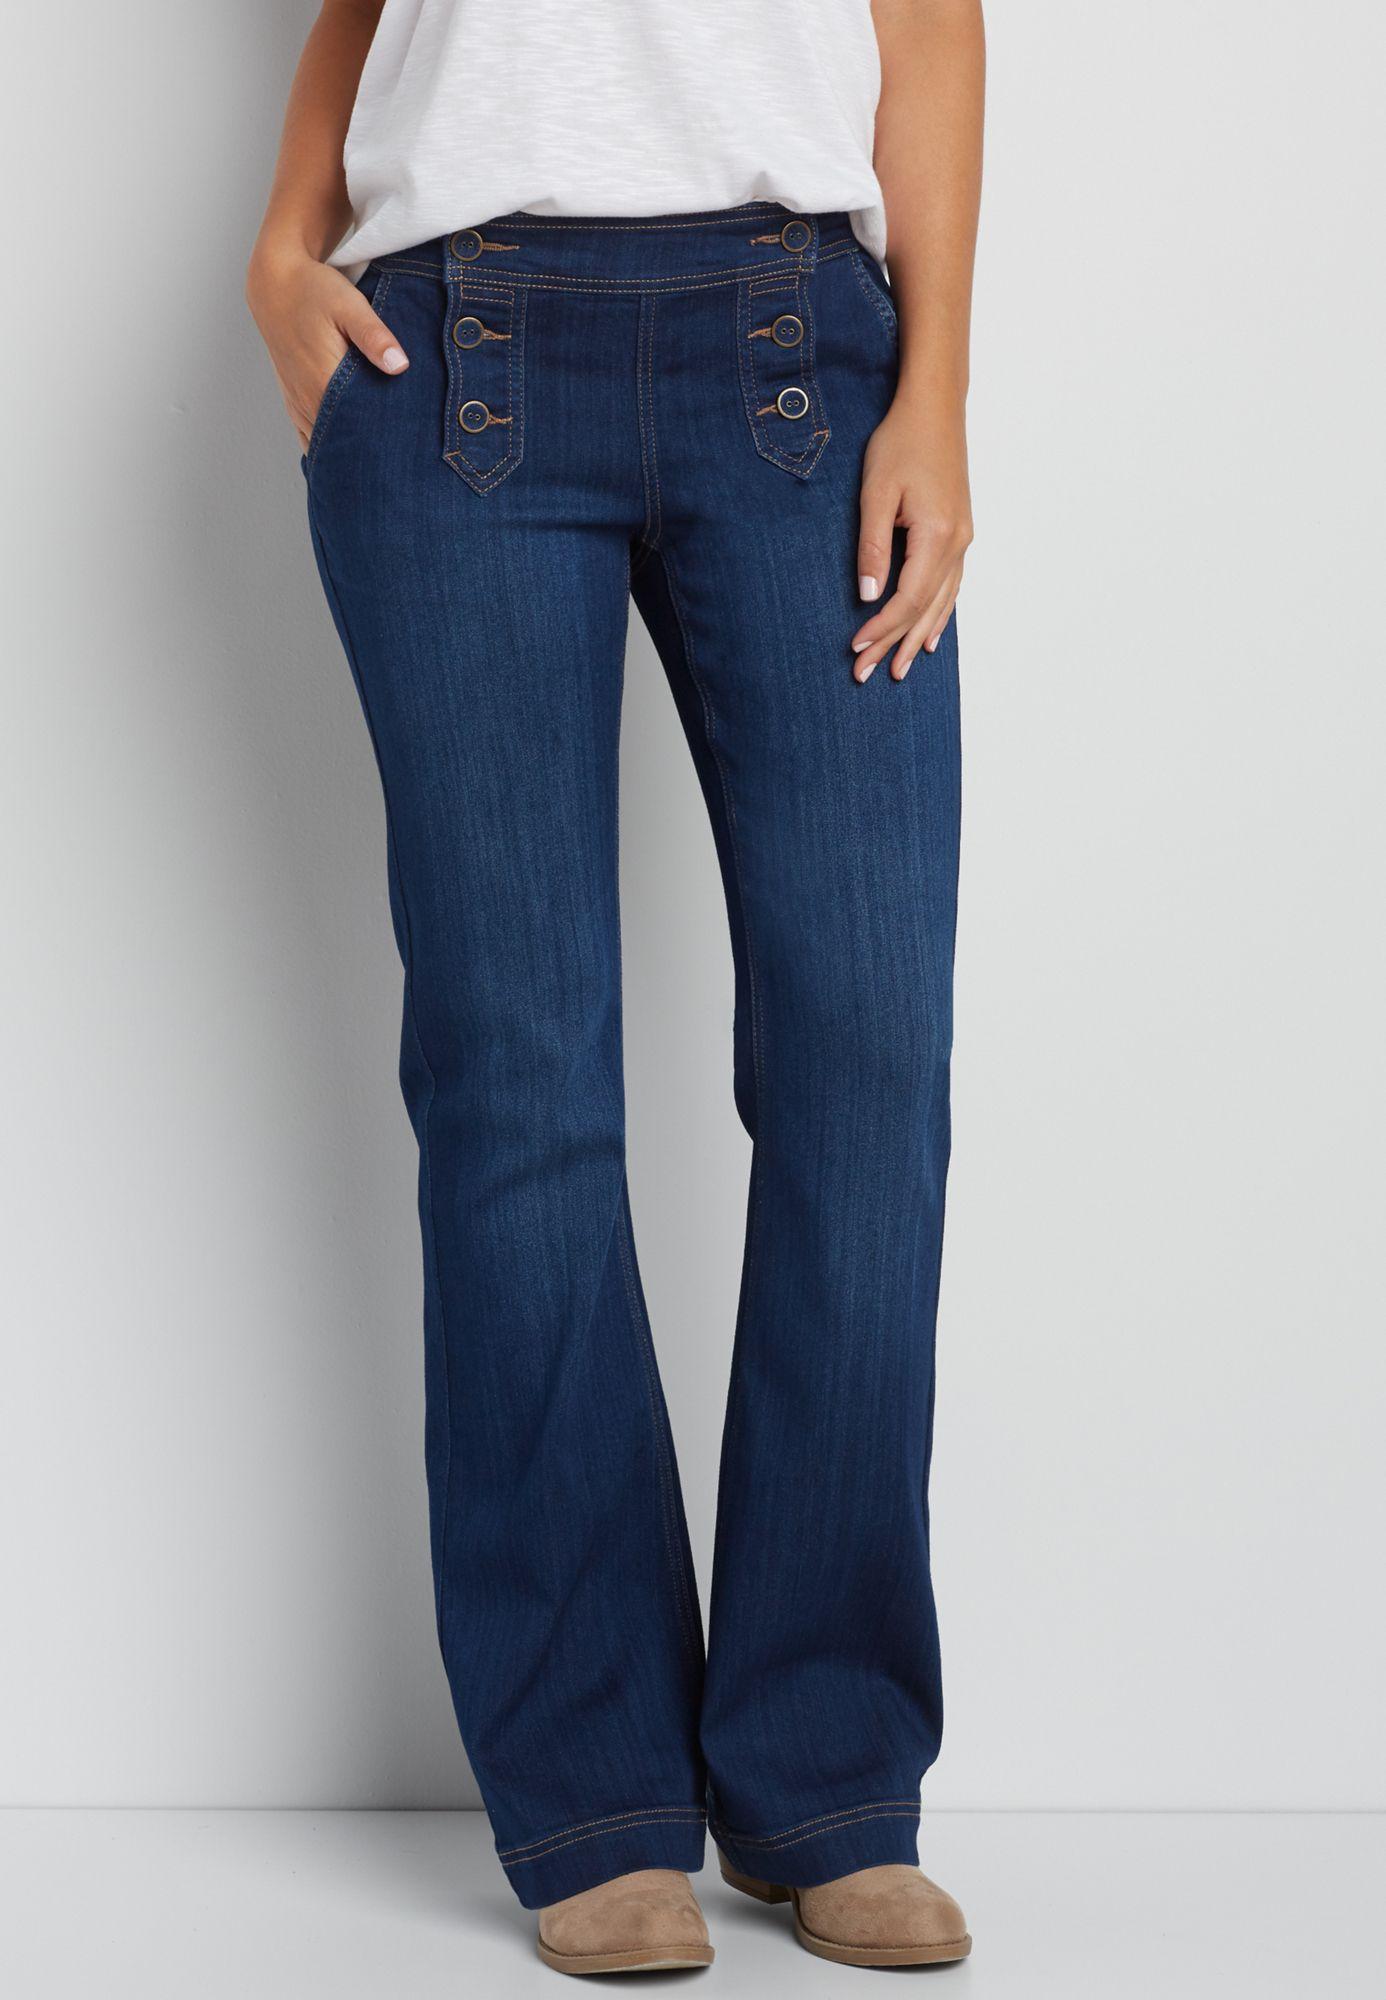 c2c07334626 sailor trouser (original price